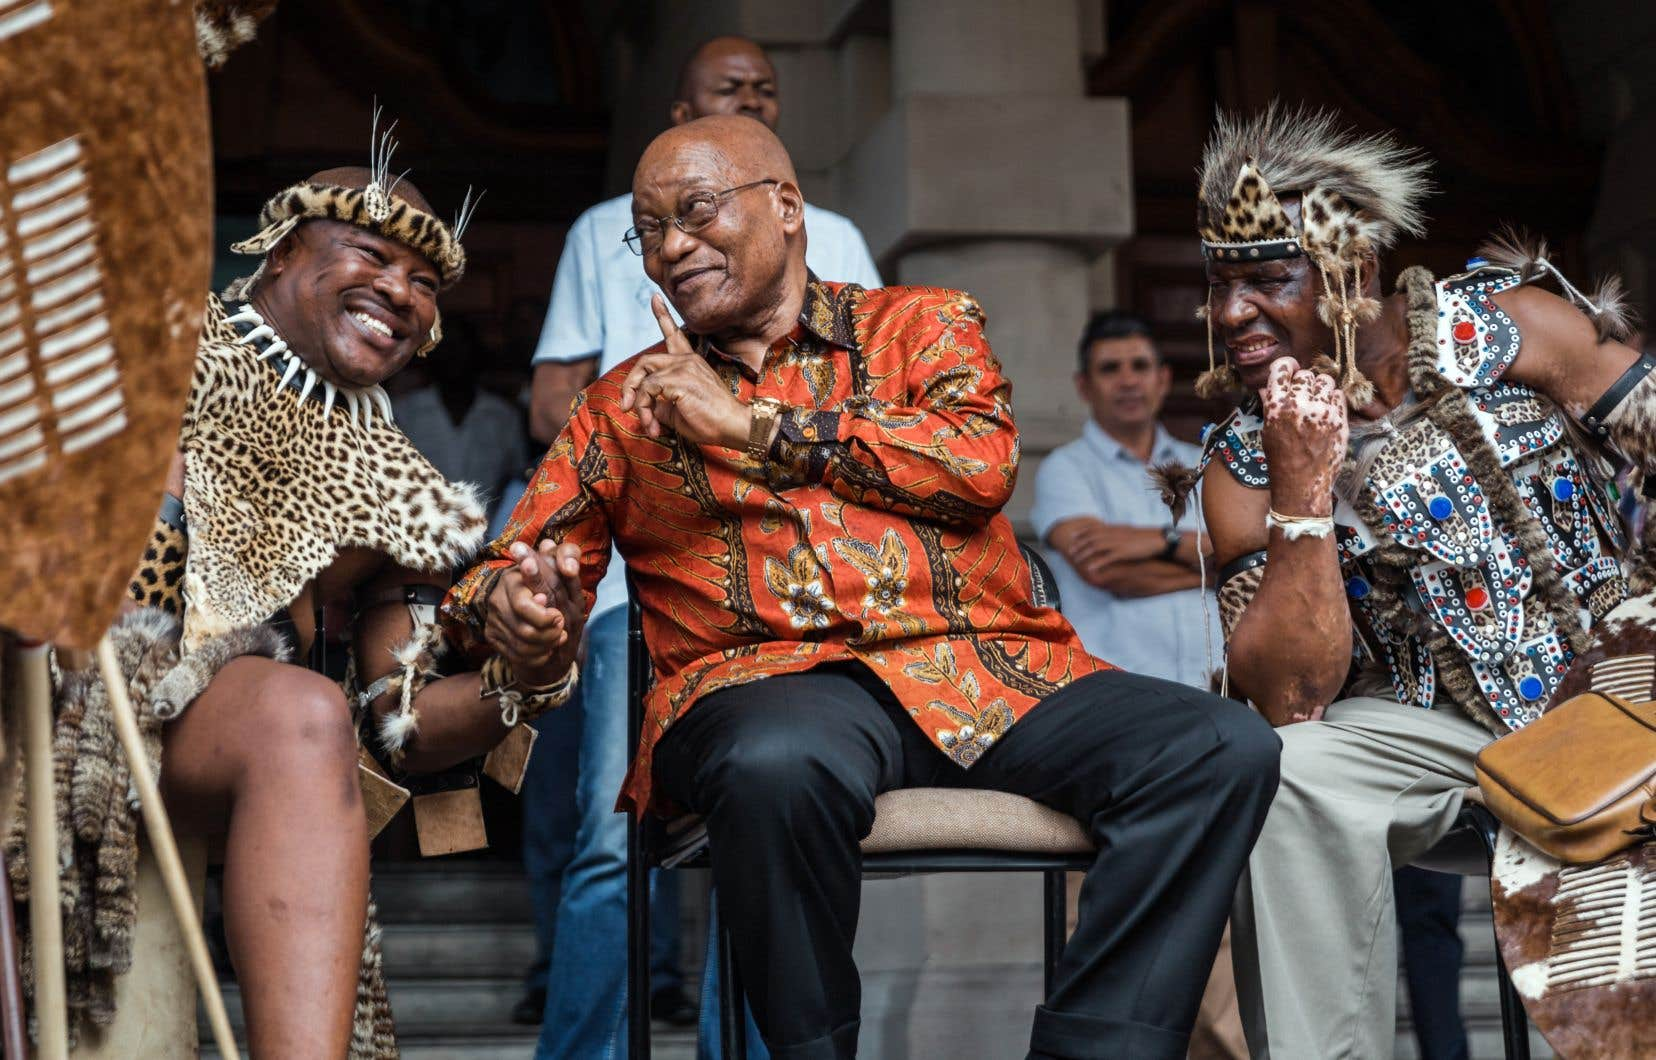 Le président sud-africain, Jacob Zuma, lors d'une rencontre avec des leaders de plusieurs communautés indigènes, le 5 janvier.